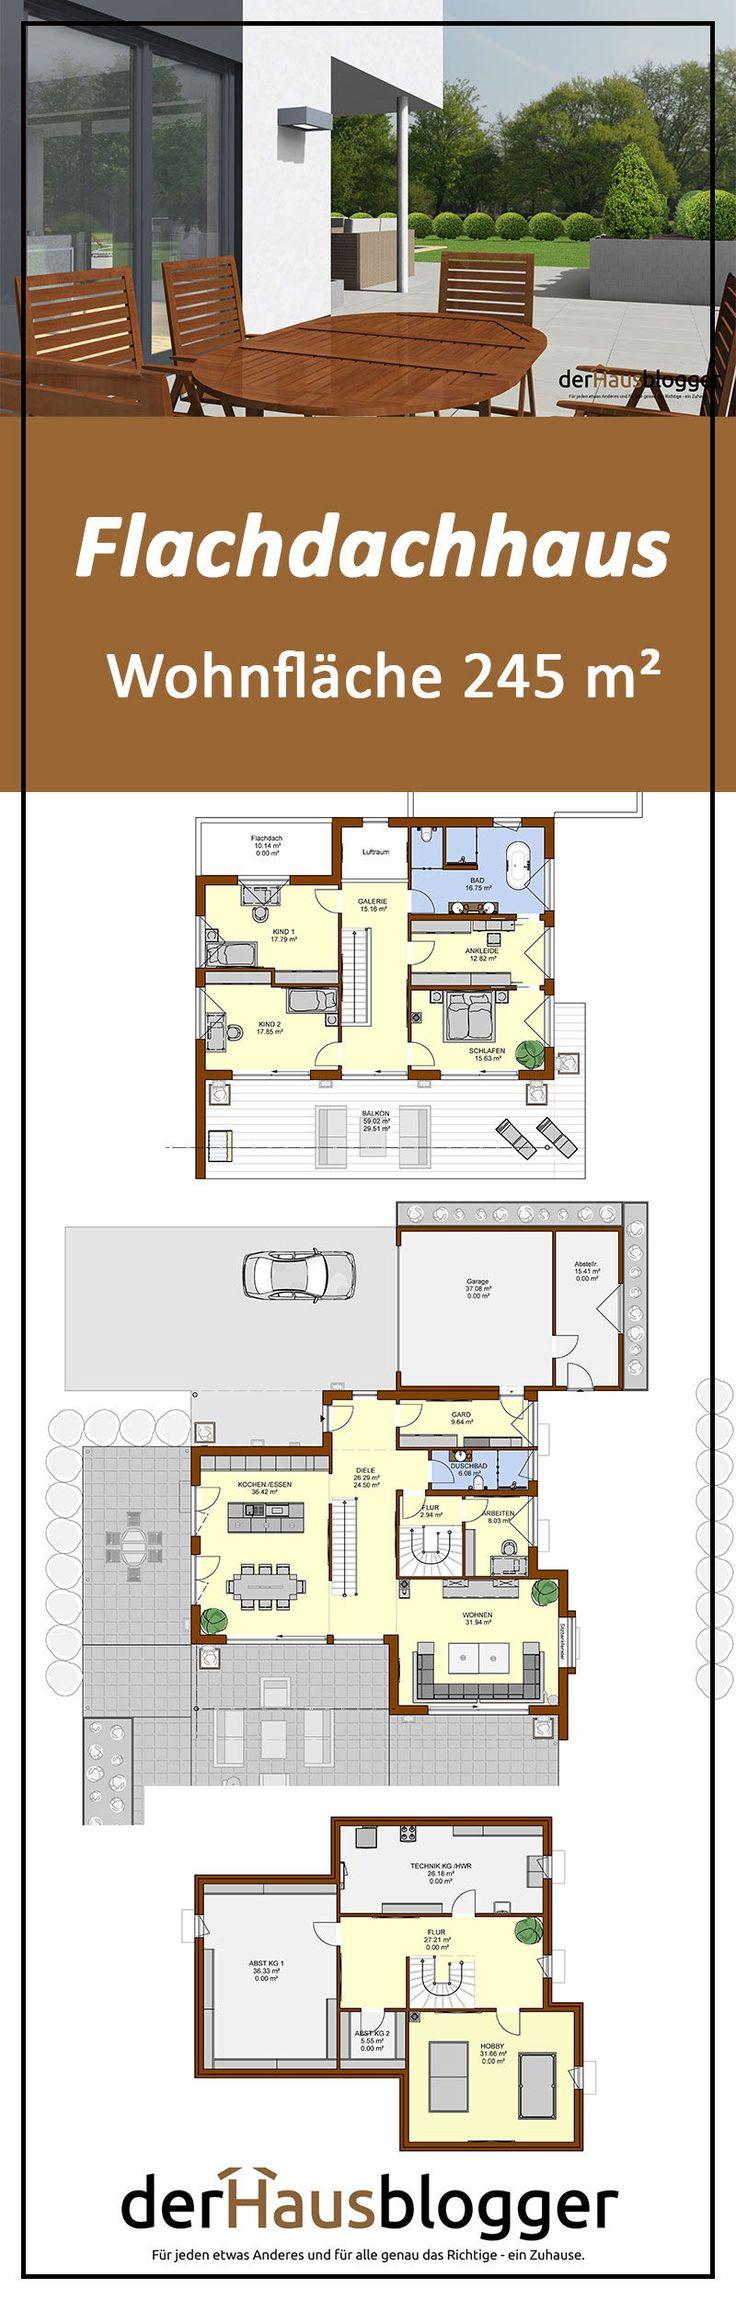 Flachdachhaus 245m² Flachdachhaus, Haus, Grundriss